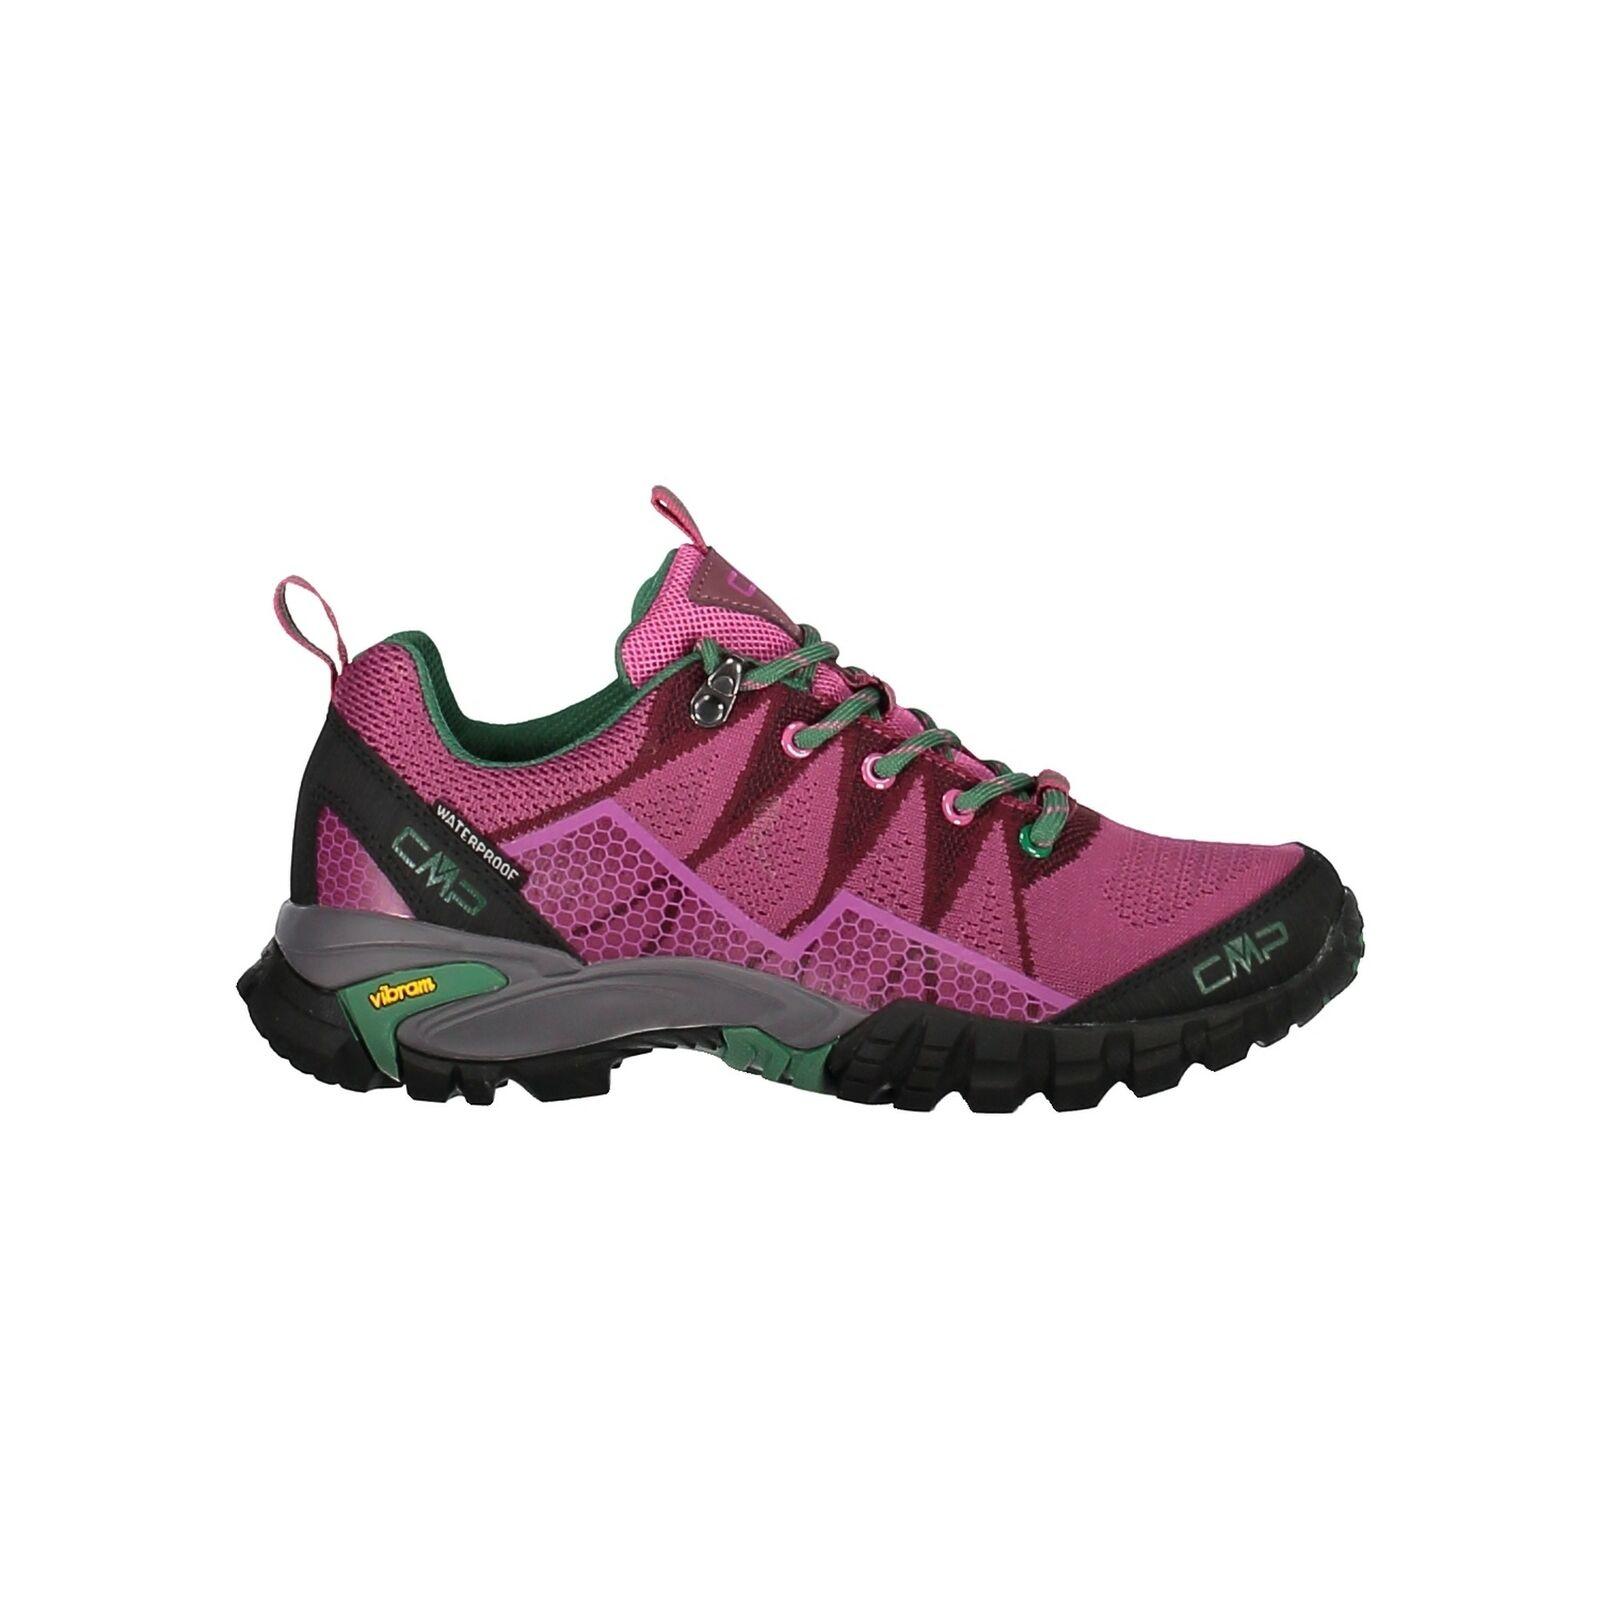 CMP Trekking Scarpe outdoorschuh Tauri Low WMN trekking scarpe WP Viola Impermeabile